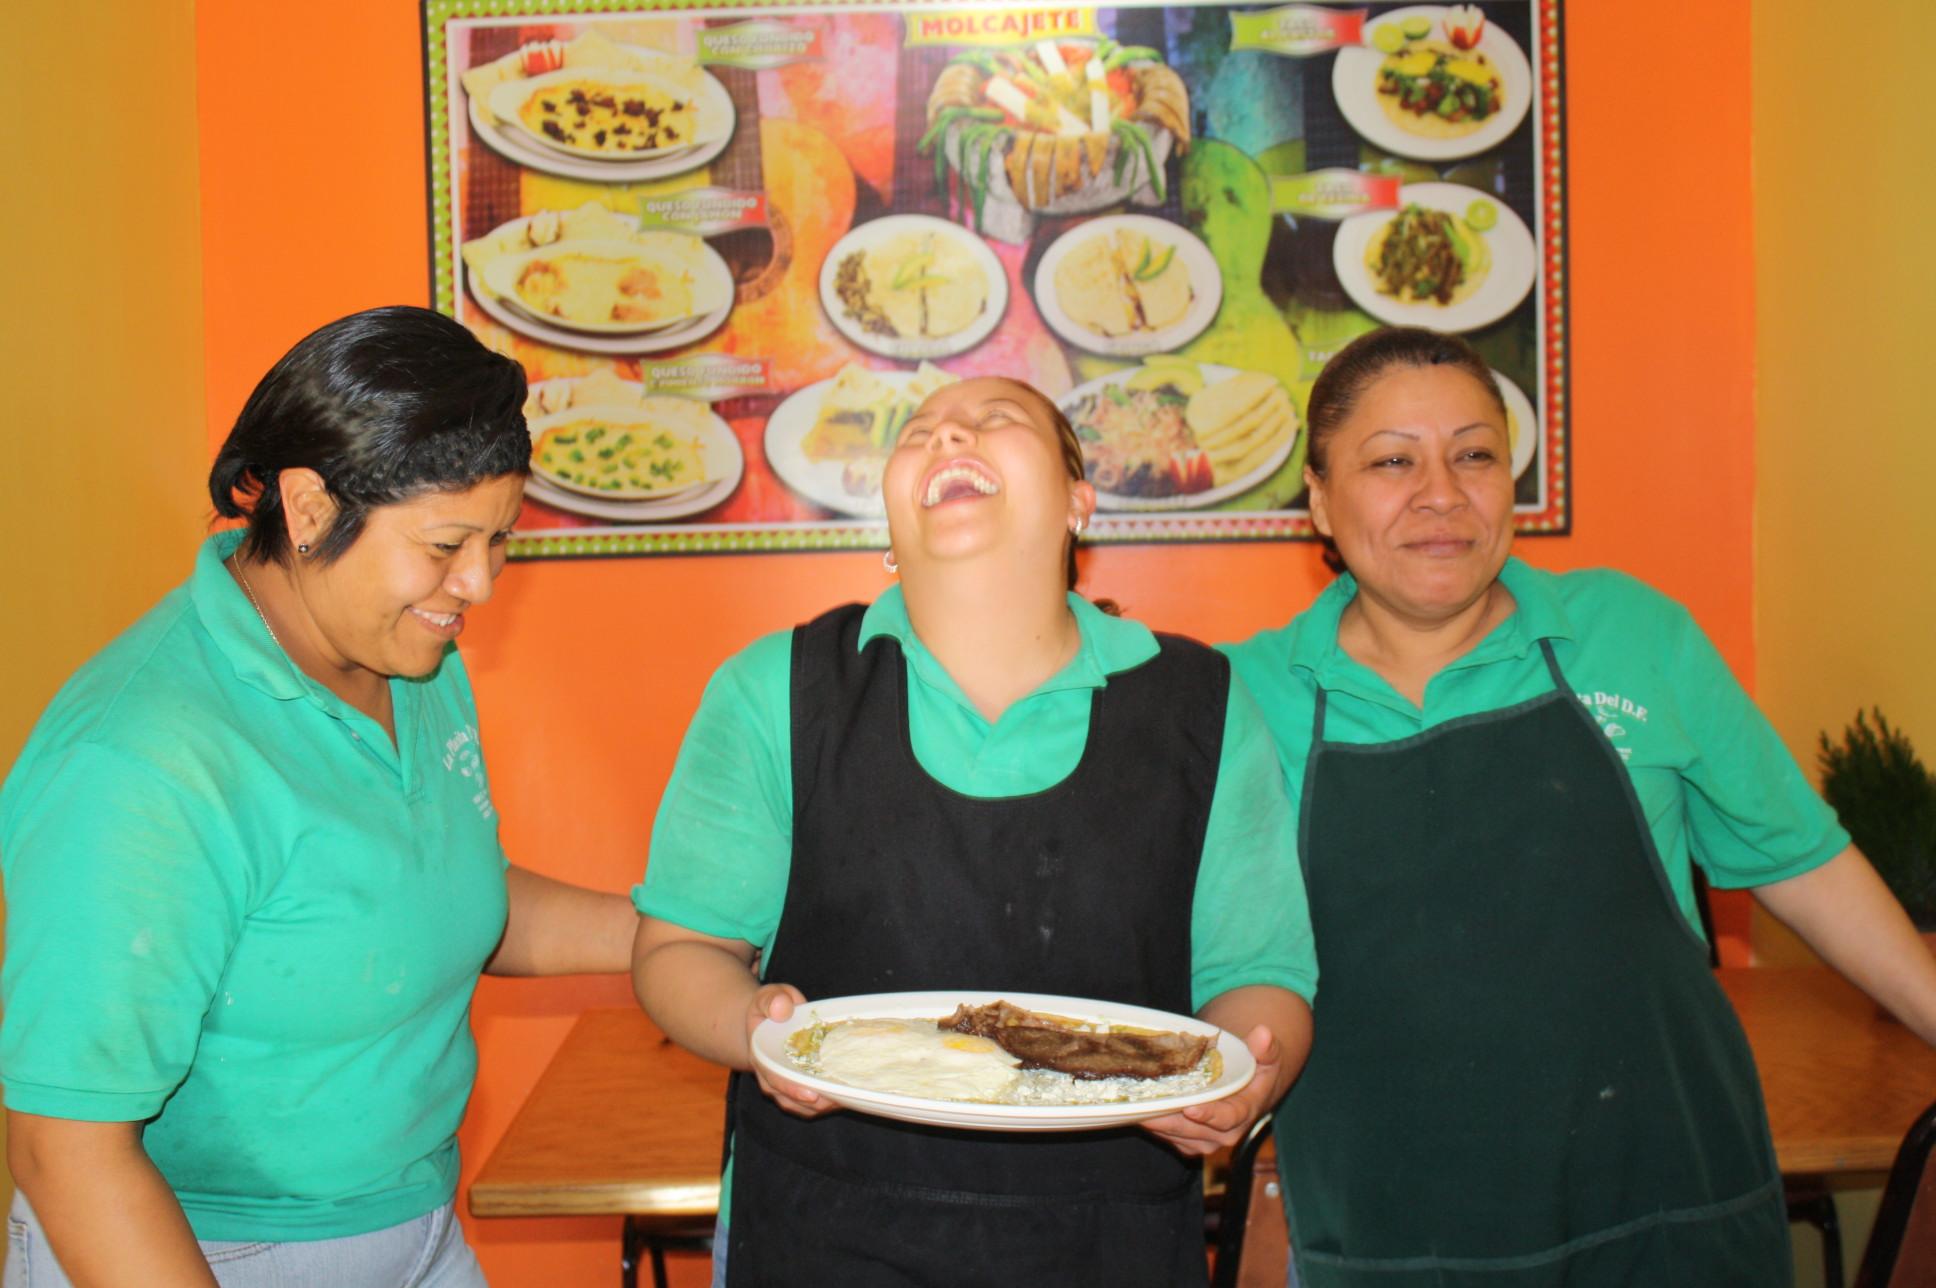 Coco, Sarai y Lupita son las tres mujeres que combinan el buen humor con el excelente sazón tradicional de la capital mexicana en La Placita del D.F. (Foto Agustín Durán / El Pasajero)